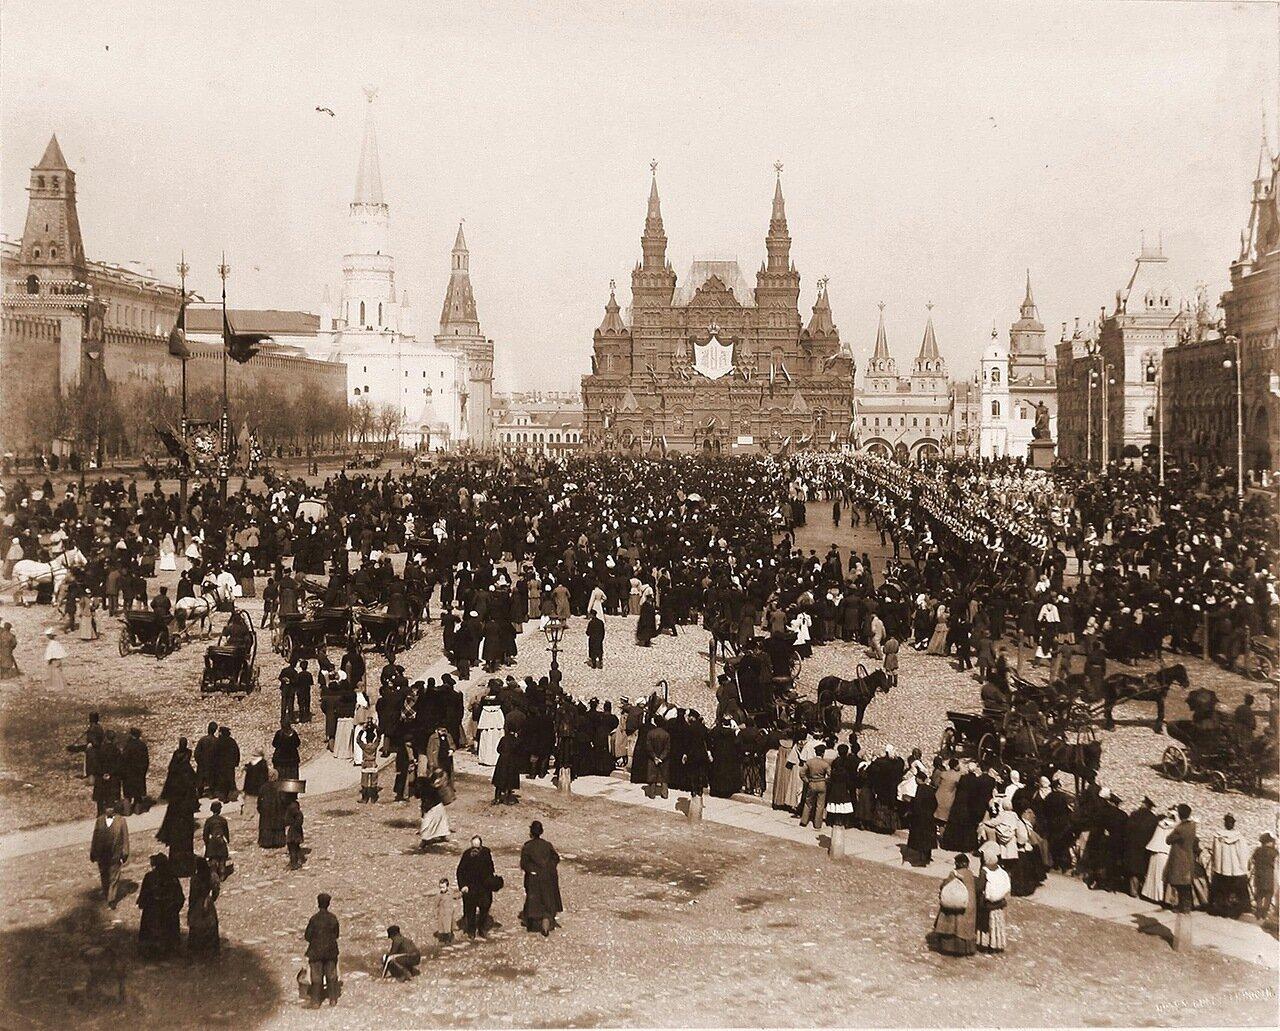 Жители Москвы и окрестностей на Красной площади в дни объявления даты священного коронования;справа, перед торговыми рядами - дивизионы кавалергардского и лейб-гвардии конного полков